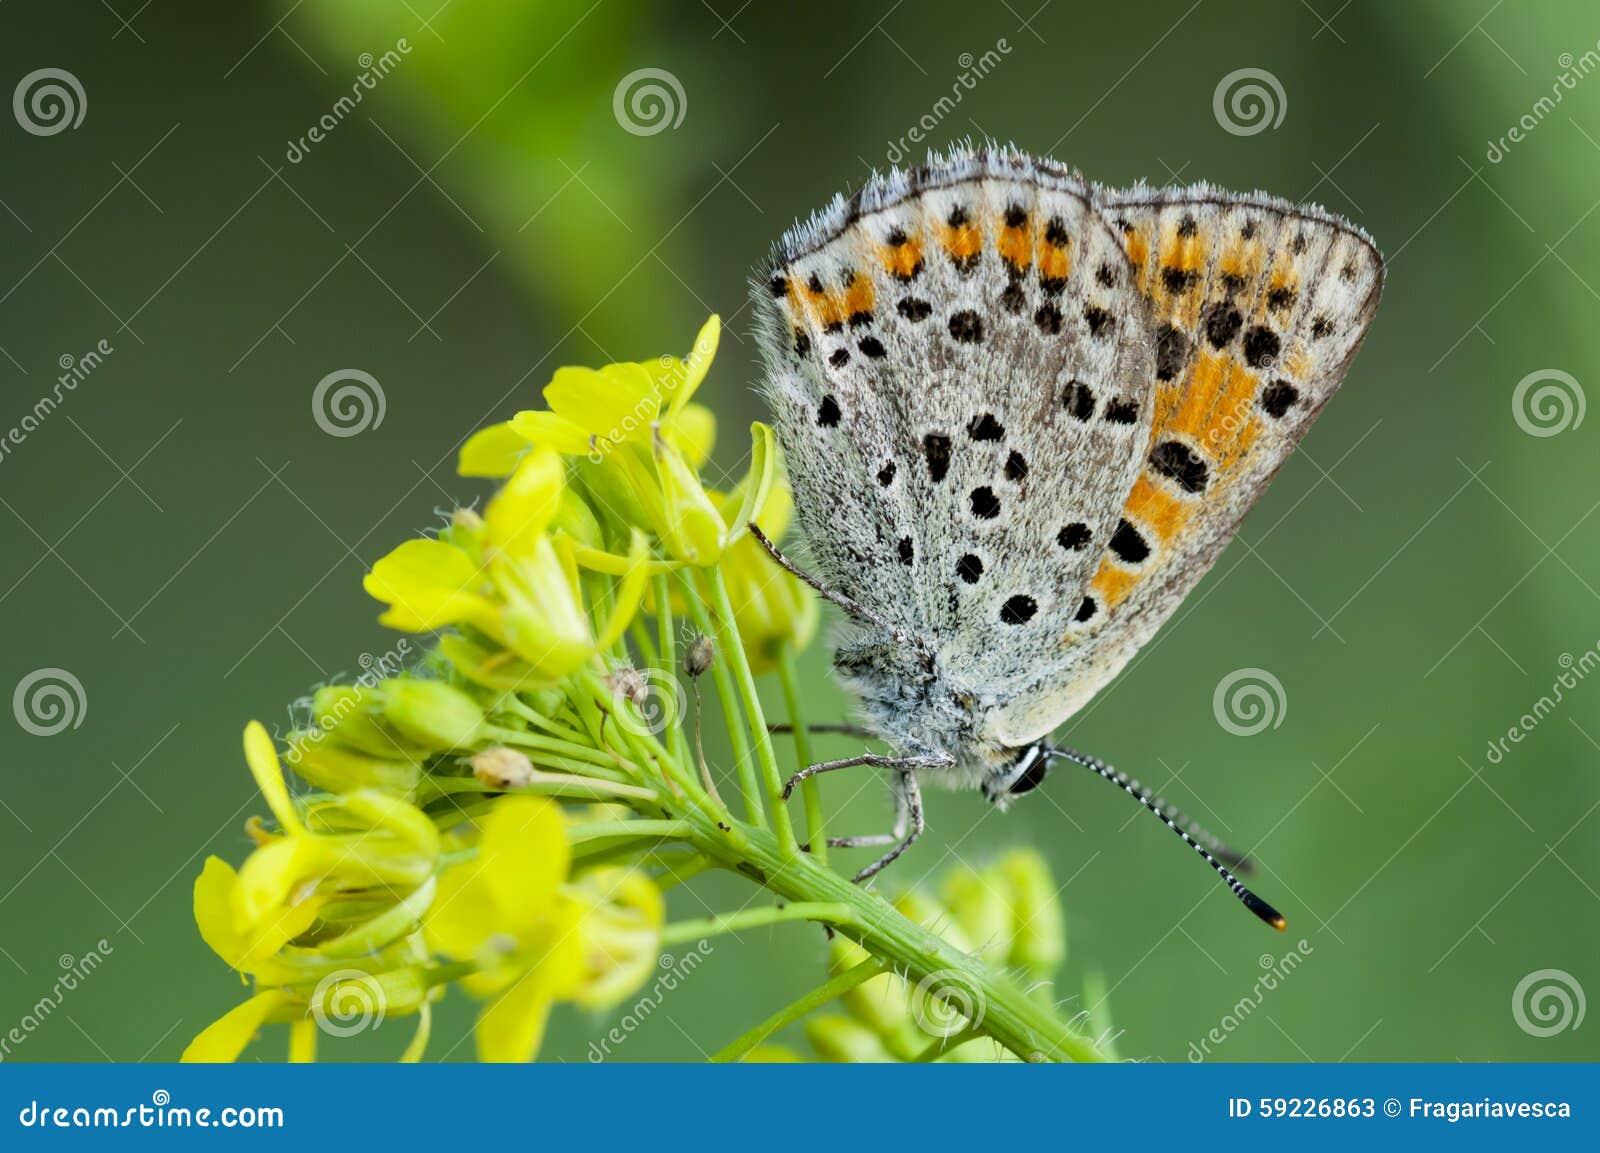 Download Mariposa en la flor imagen de archivo. Imagen de colorido - 59226863